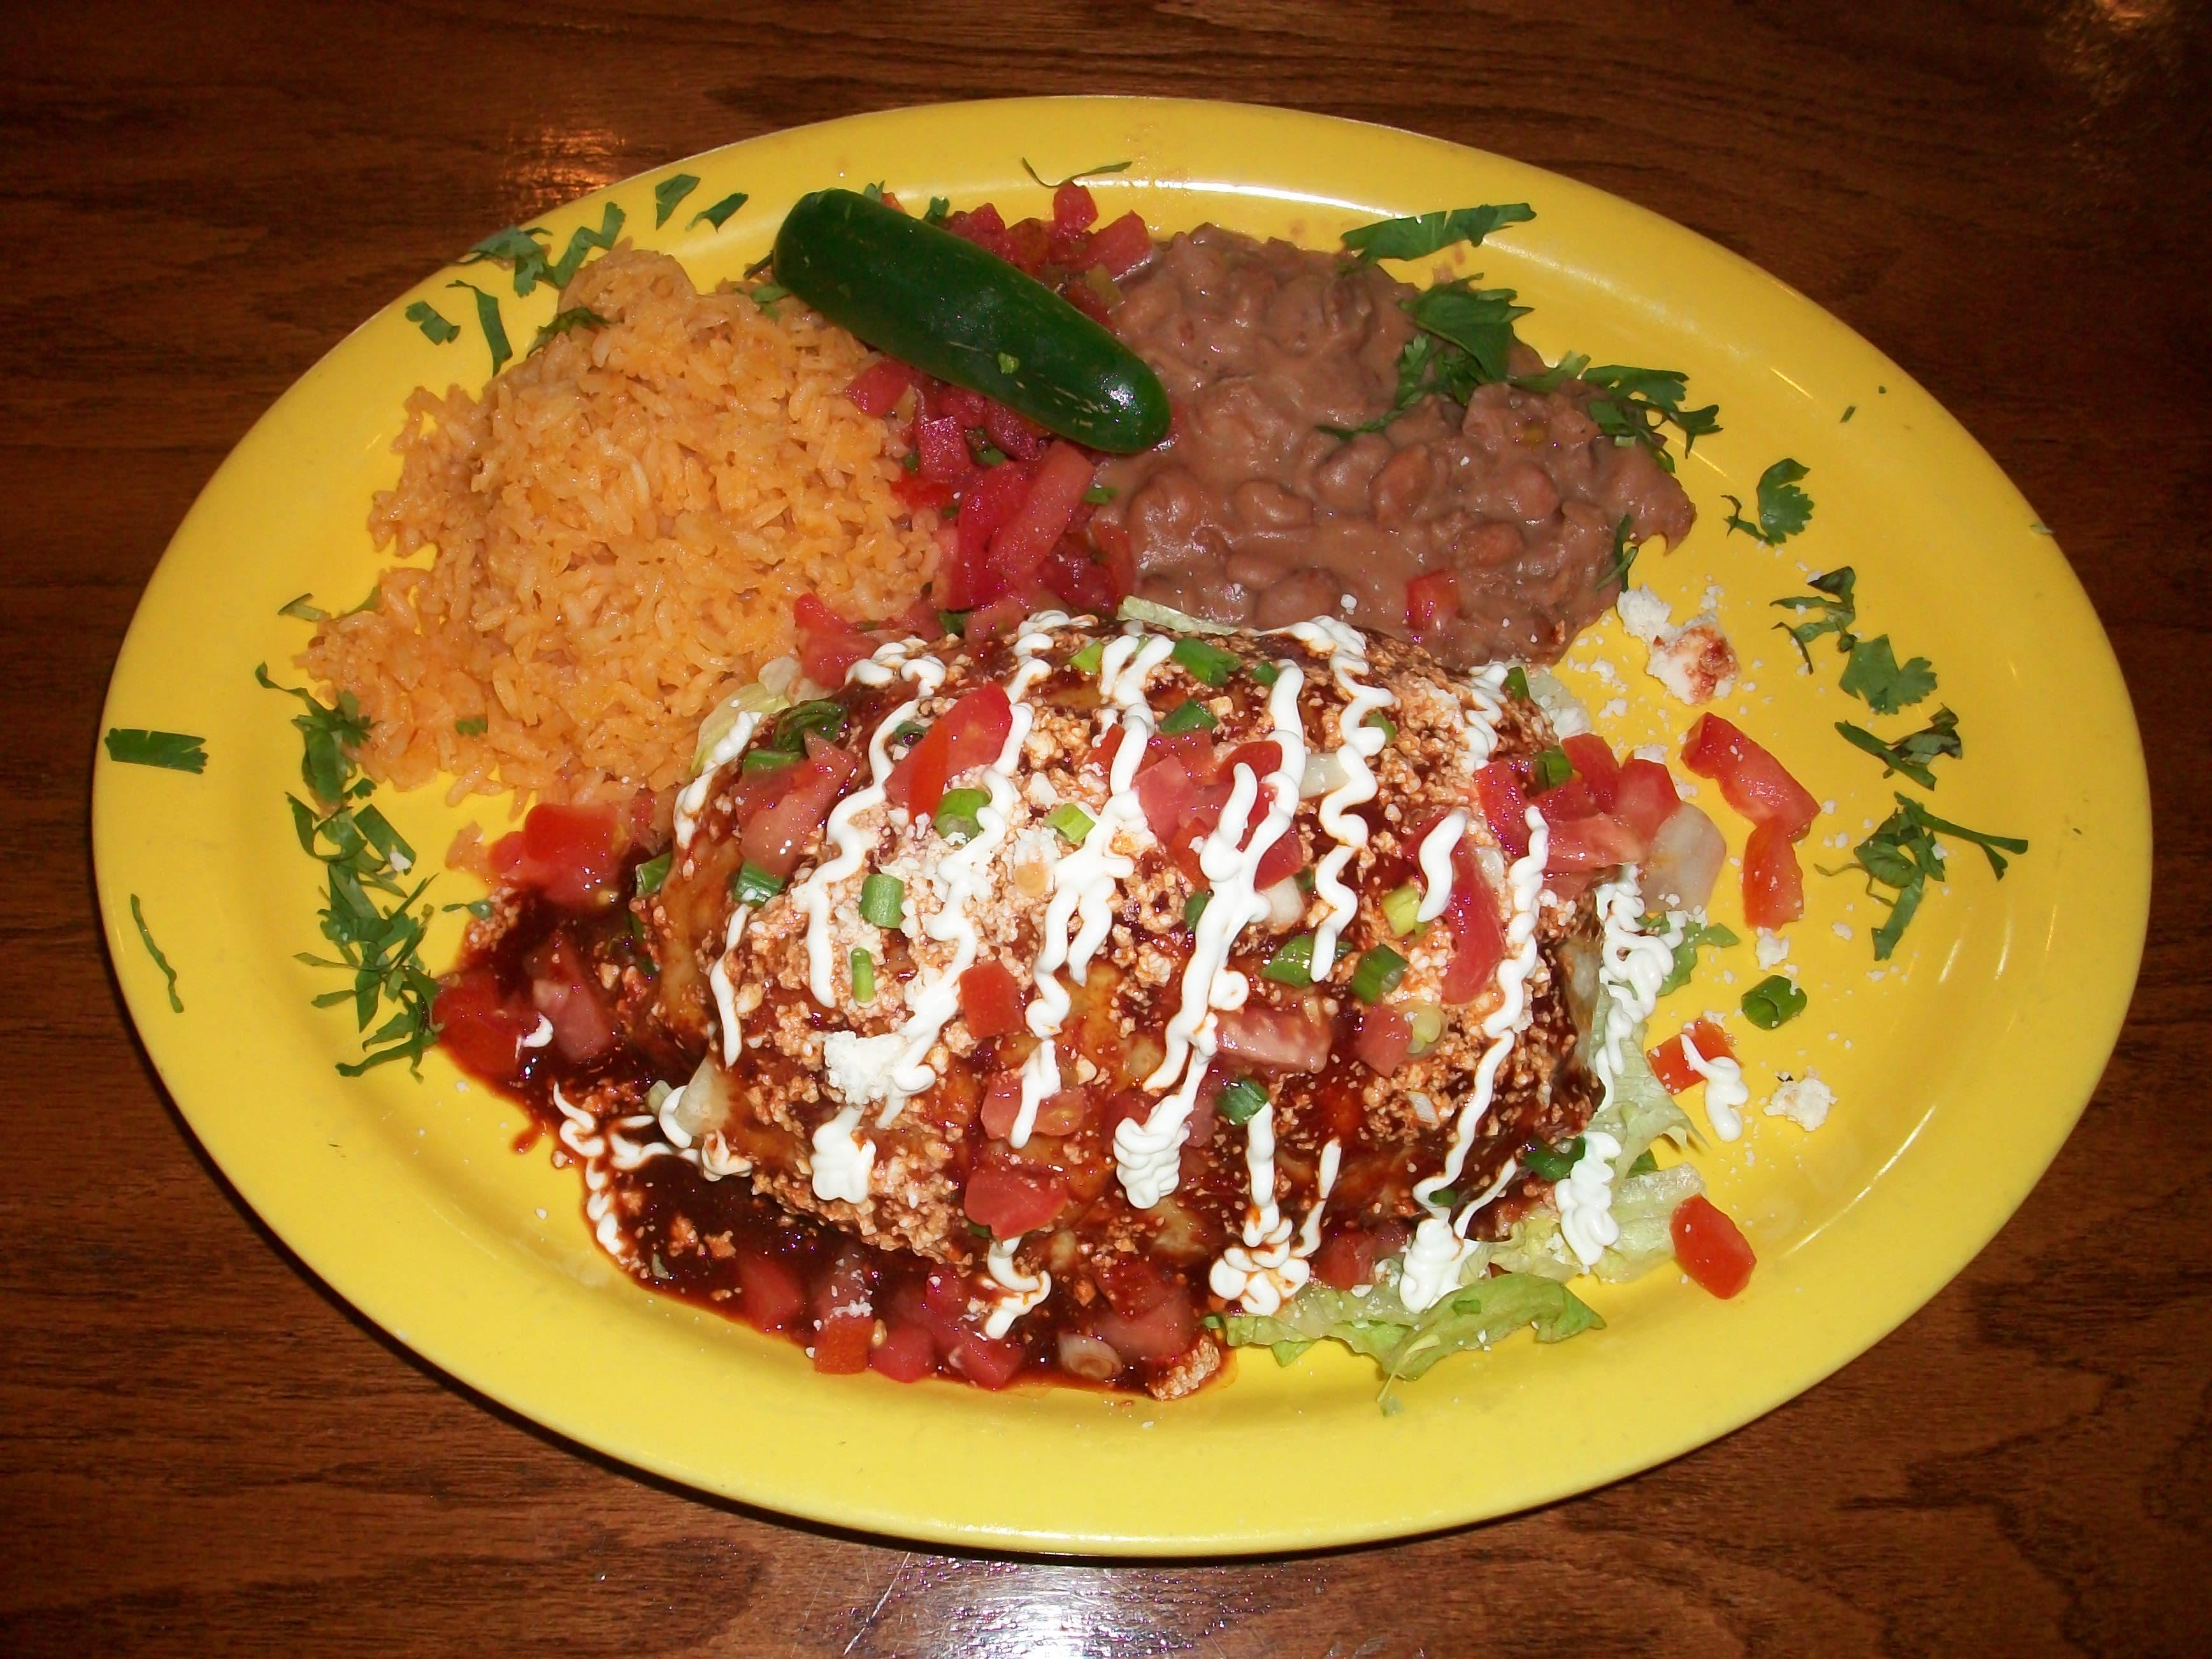 Burrito Enchilado at Margarita's